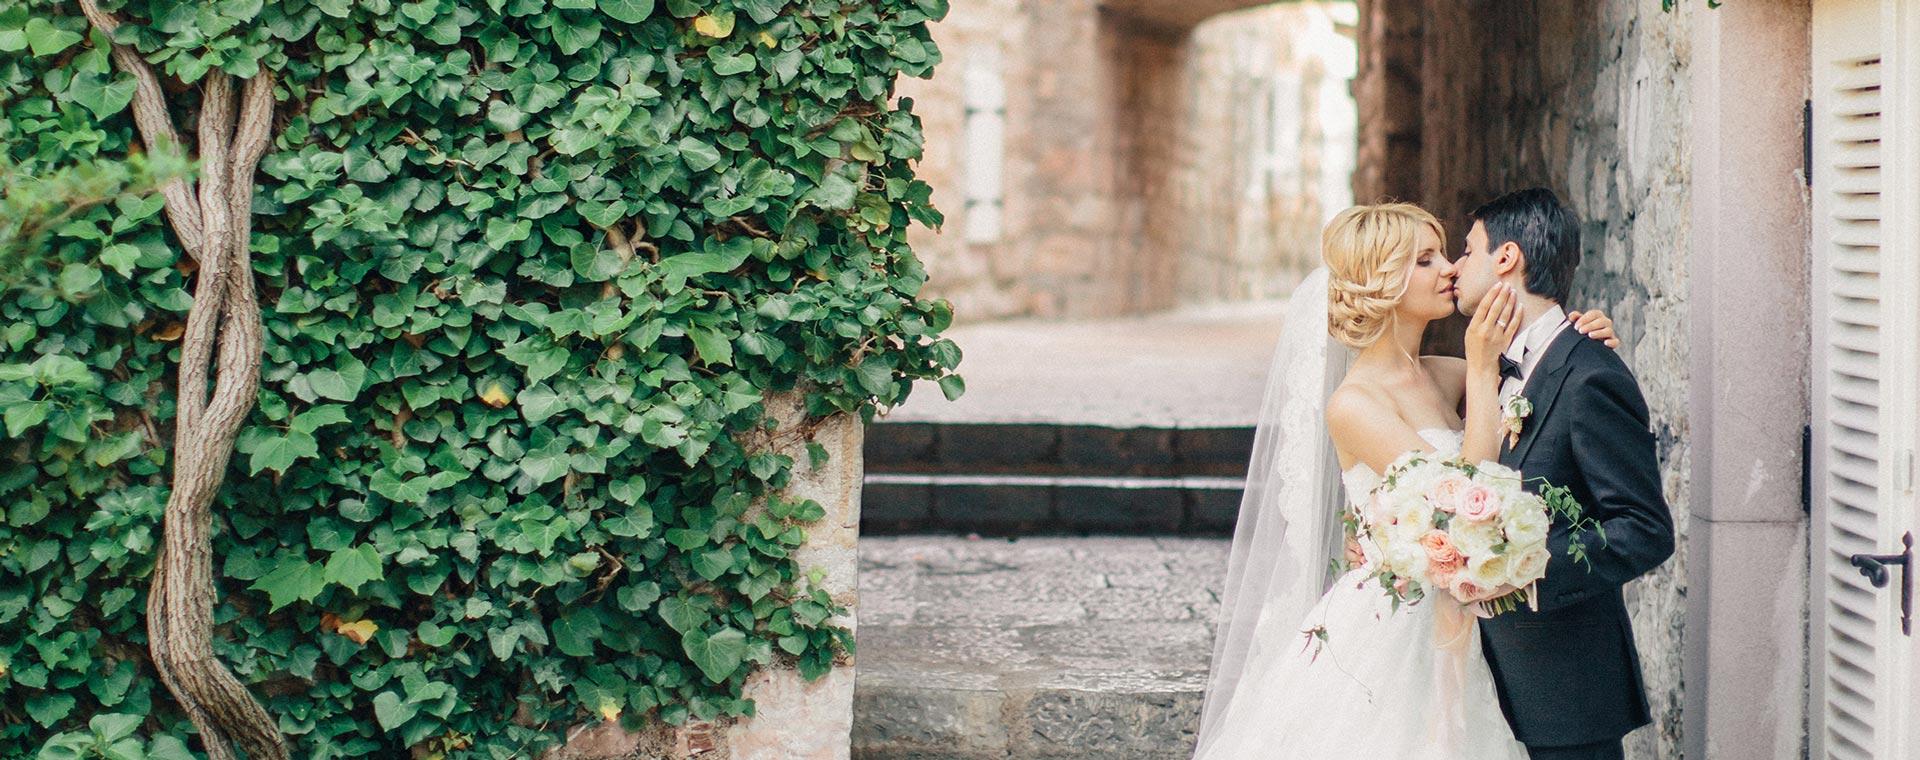 Свадебные прогулки в питере